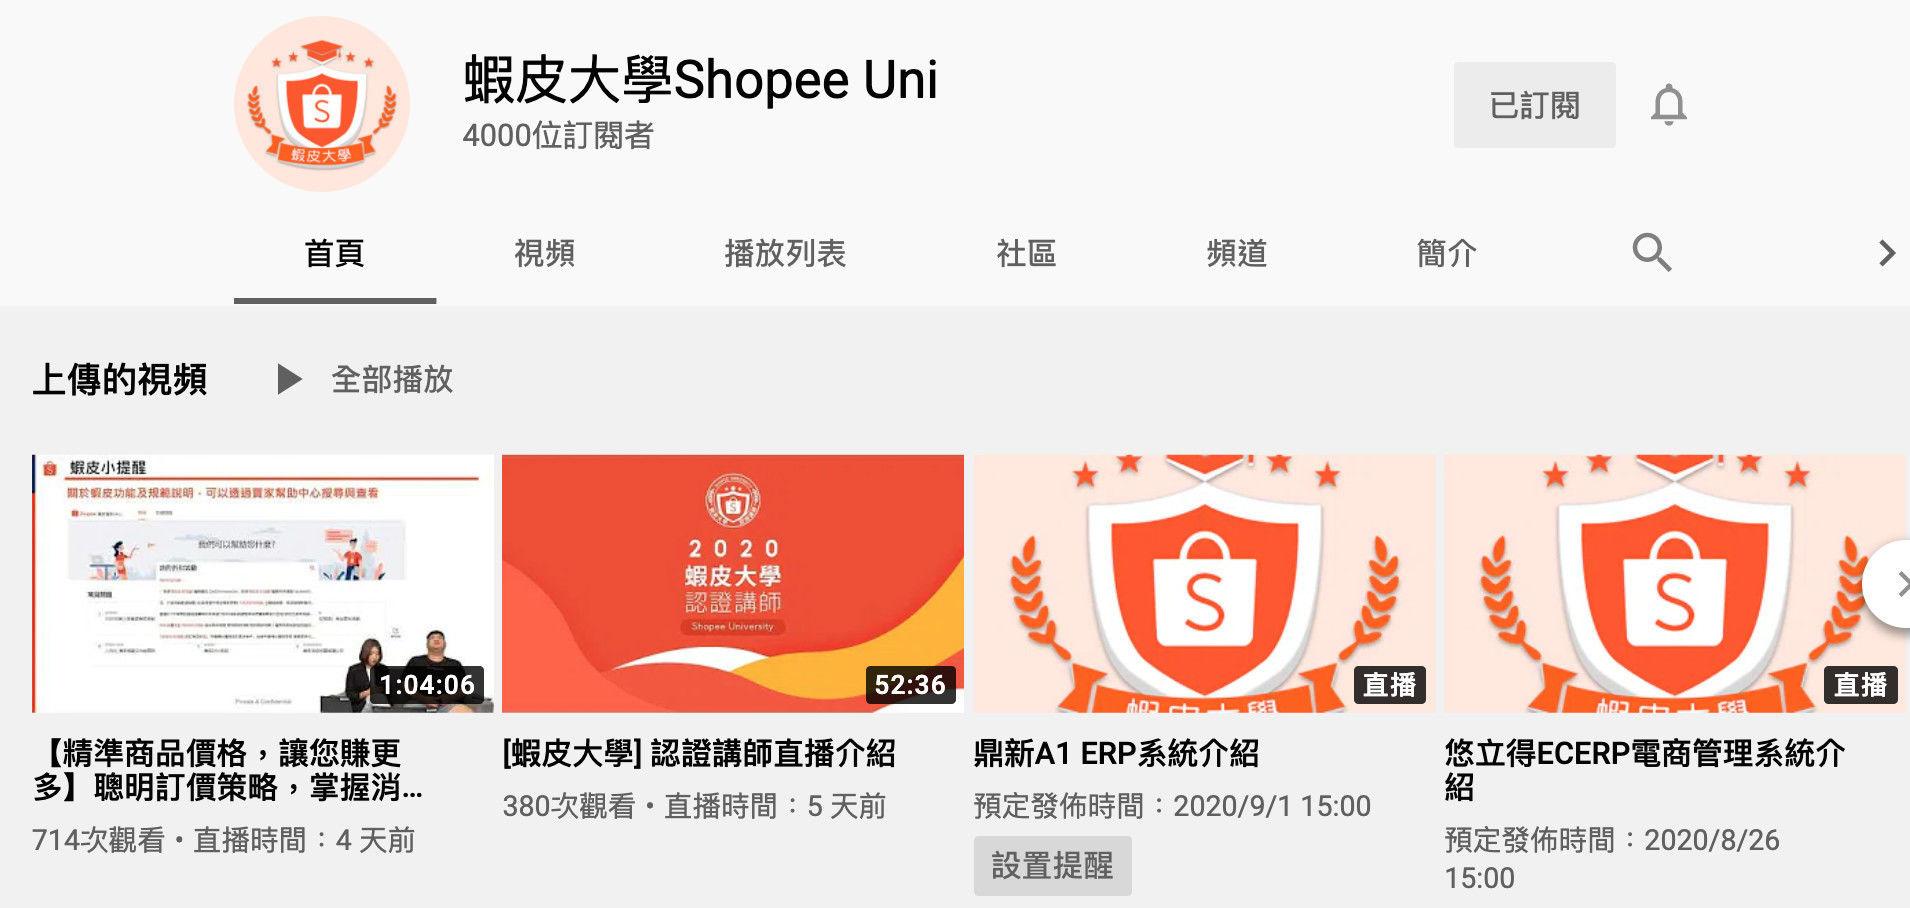 shopee_uni